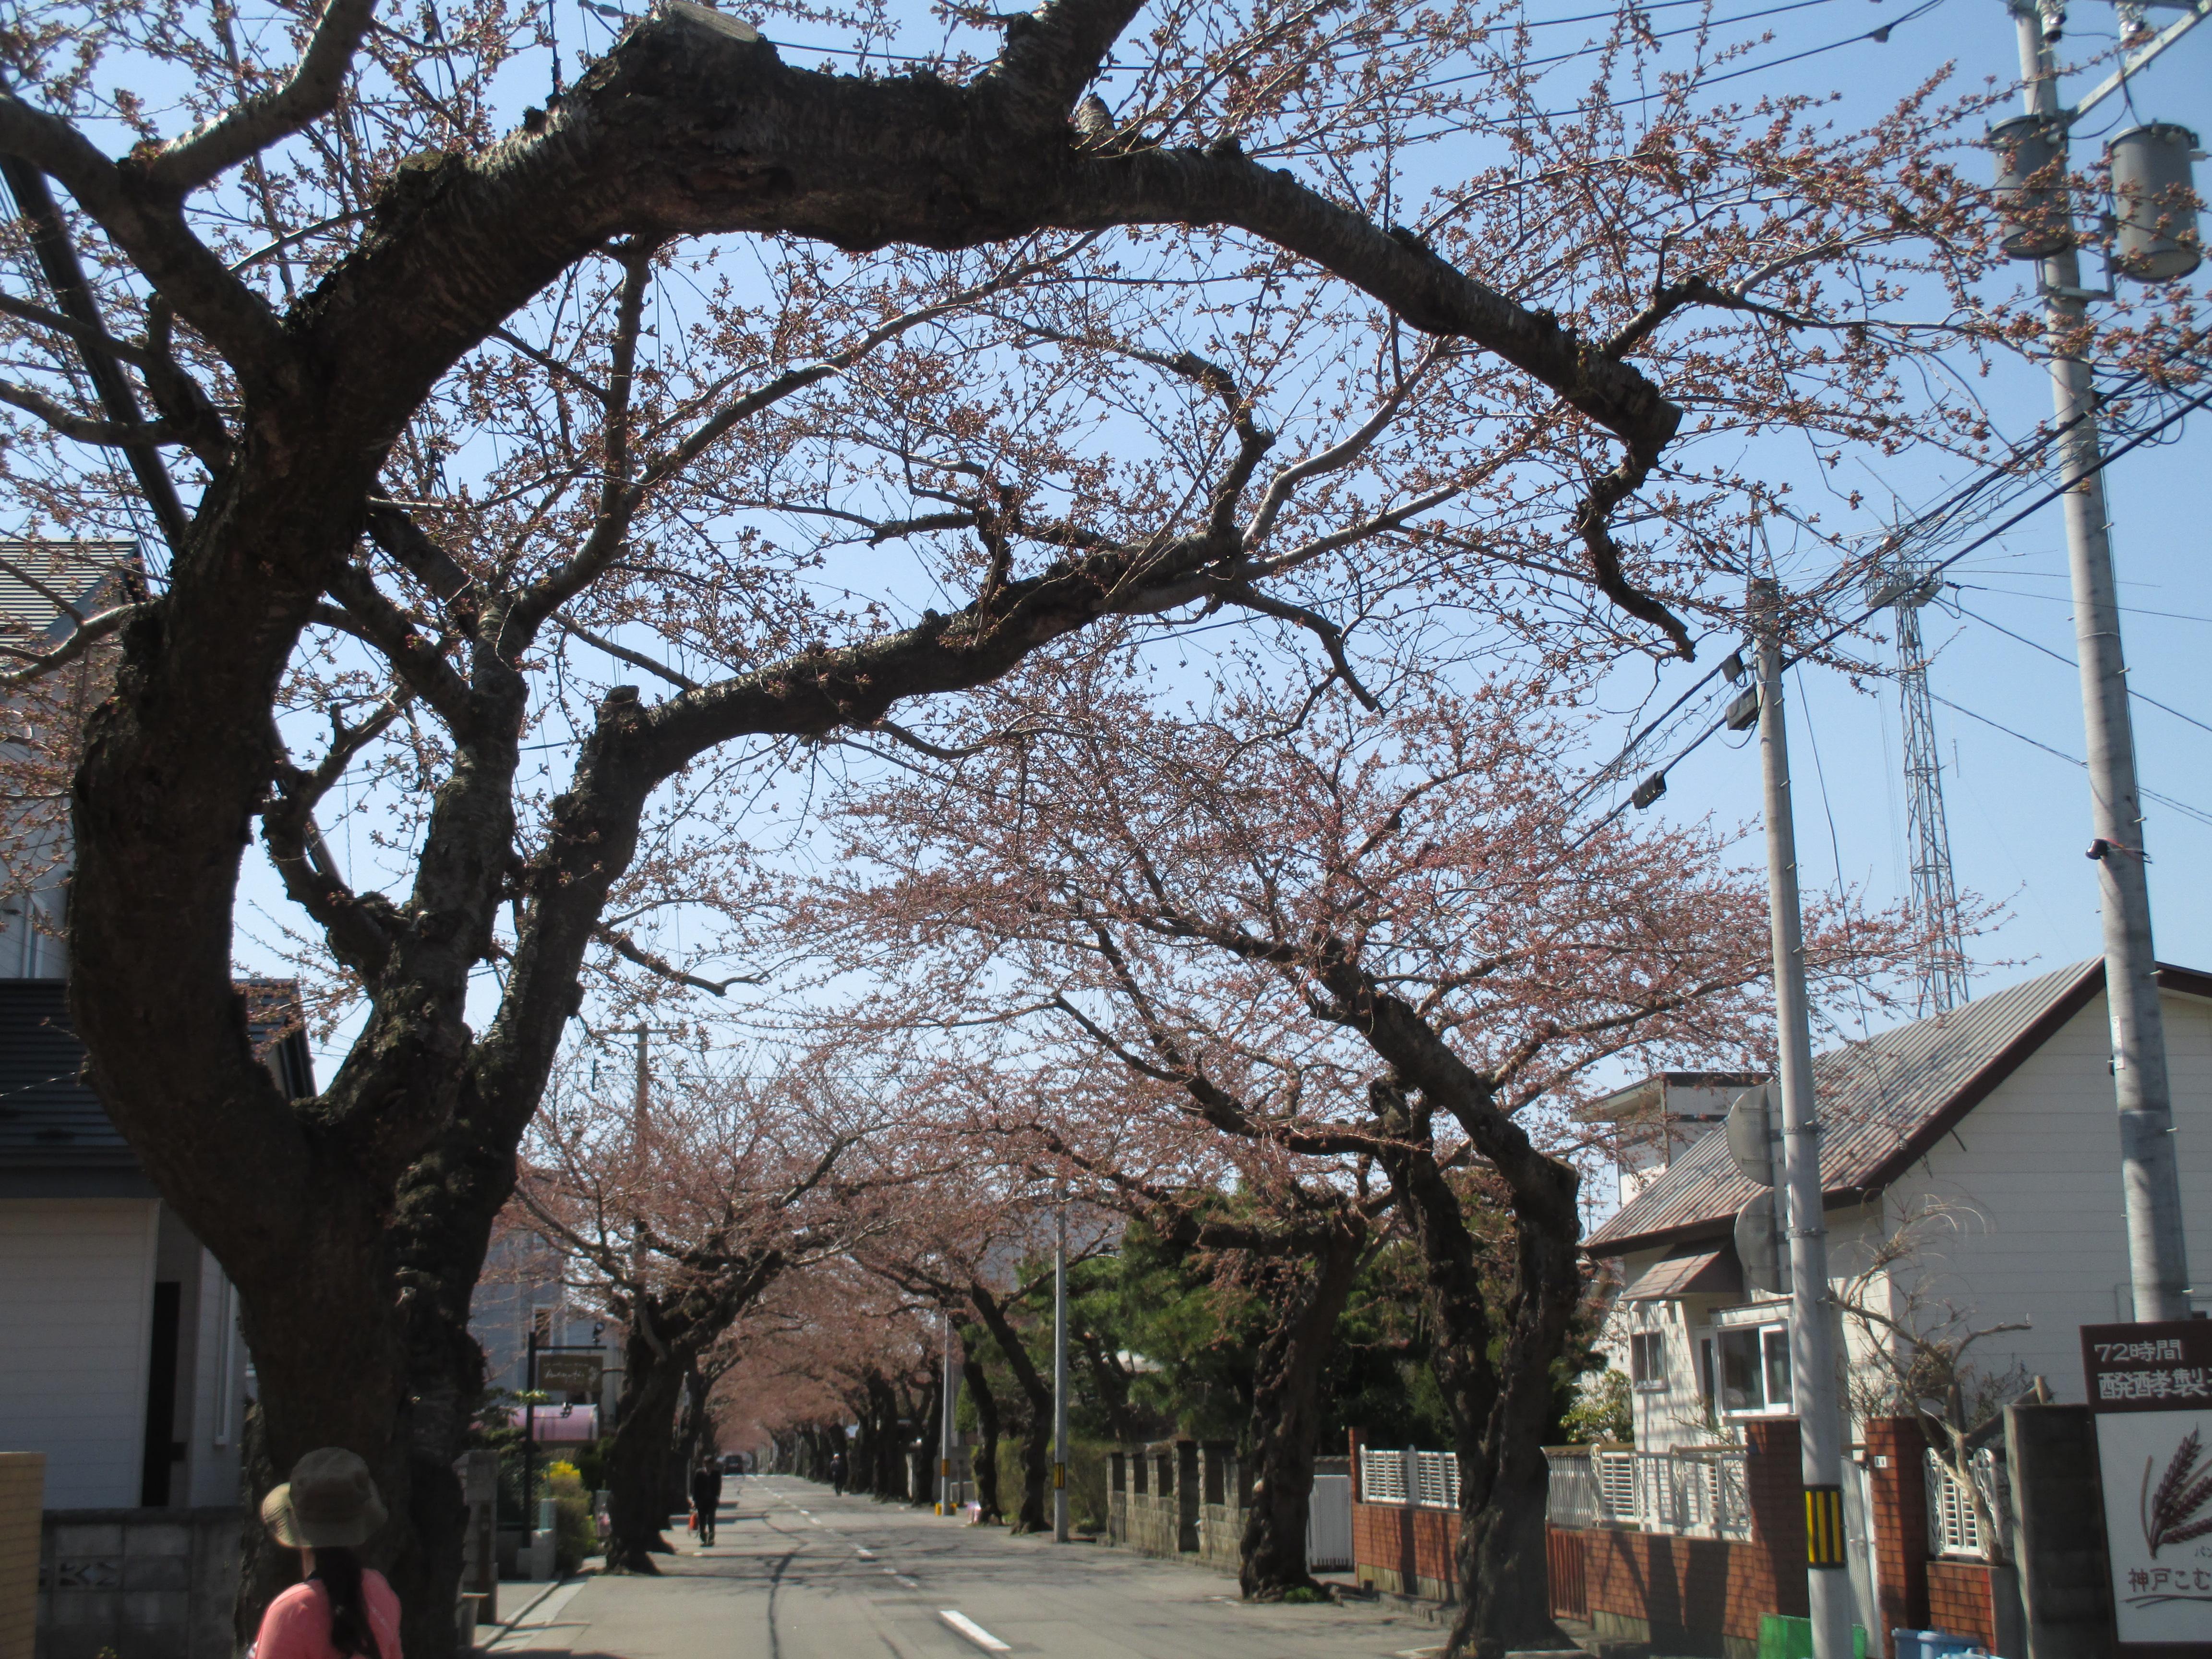 桜のトンネルまでお散歩に行ったよ♪